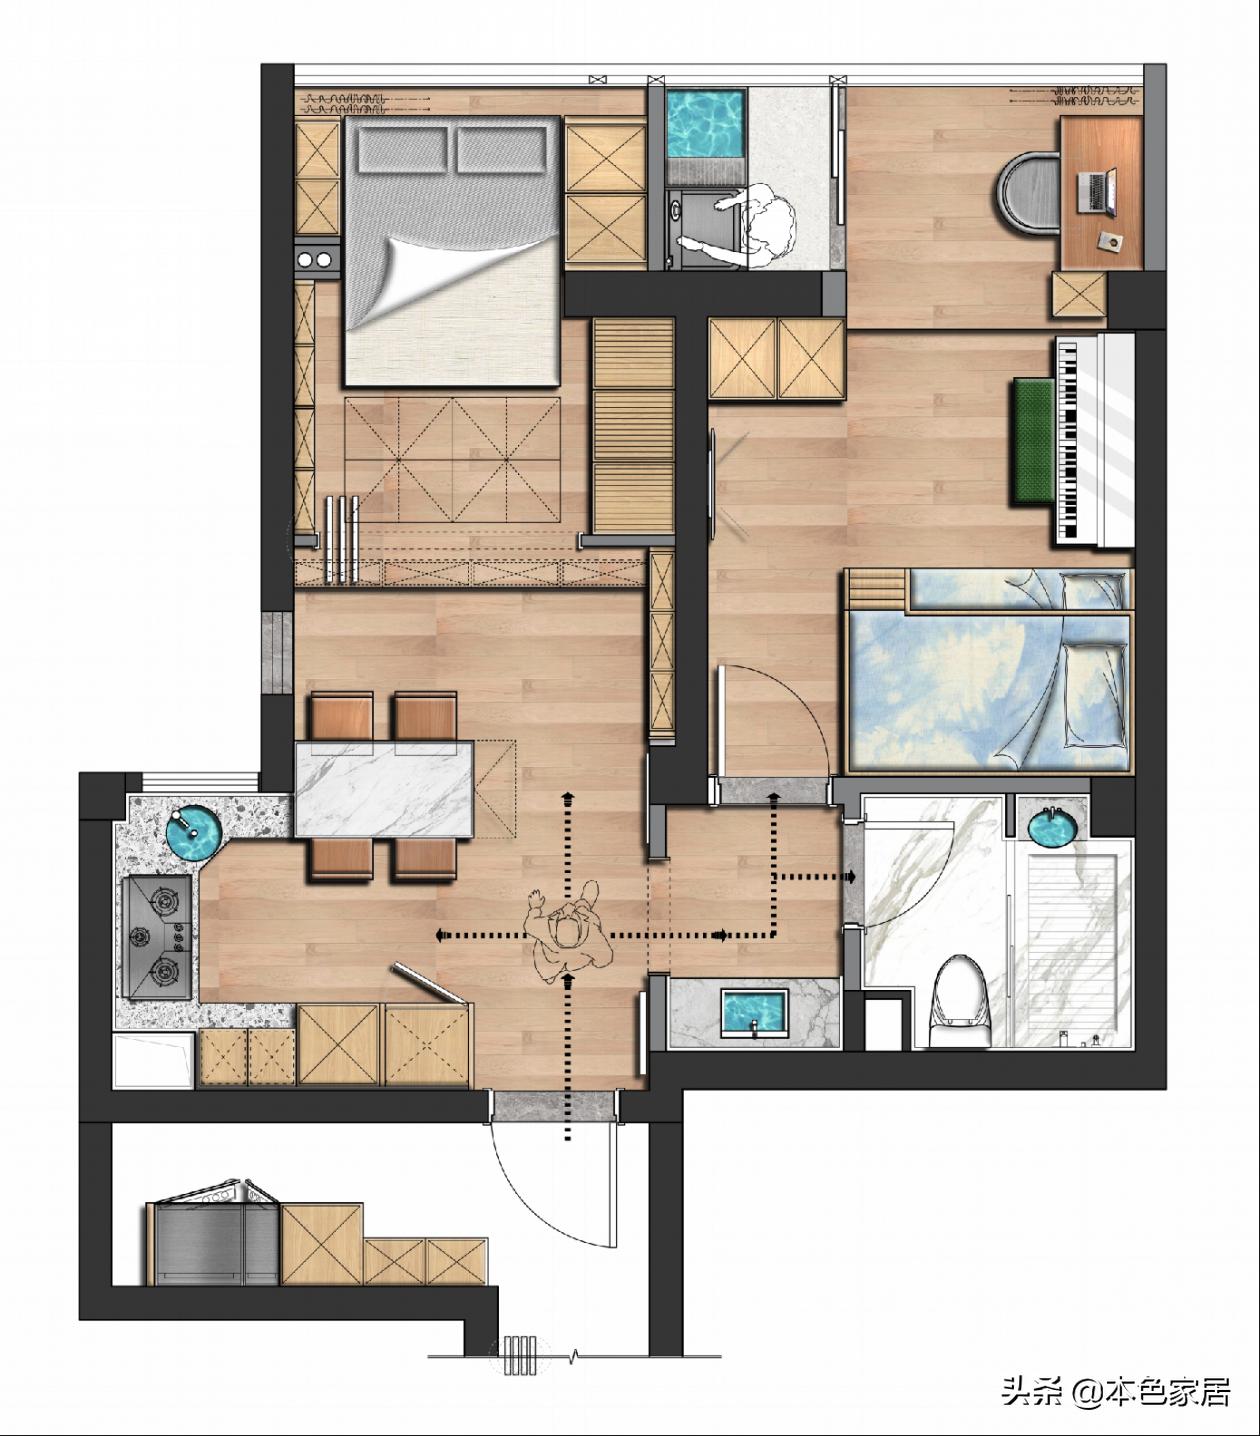 福州一家三口50㎡小宅,客厅变卧室,瞬间变成超赞阳光房,羡慕